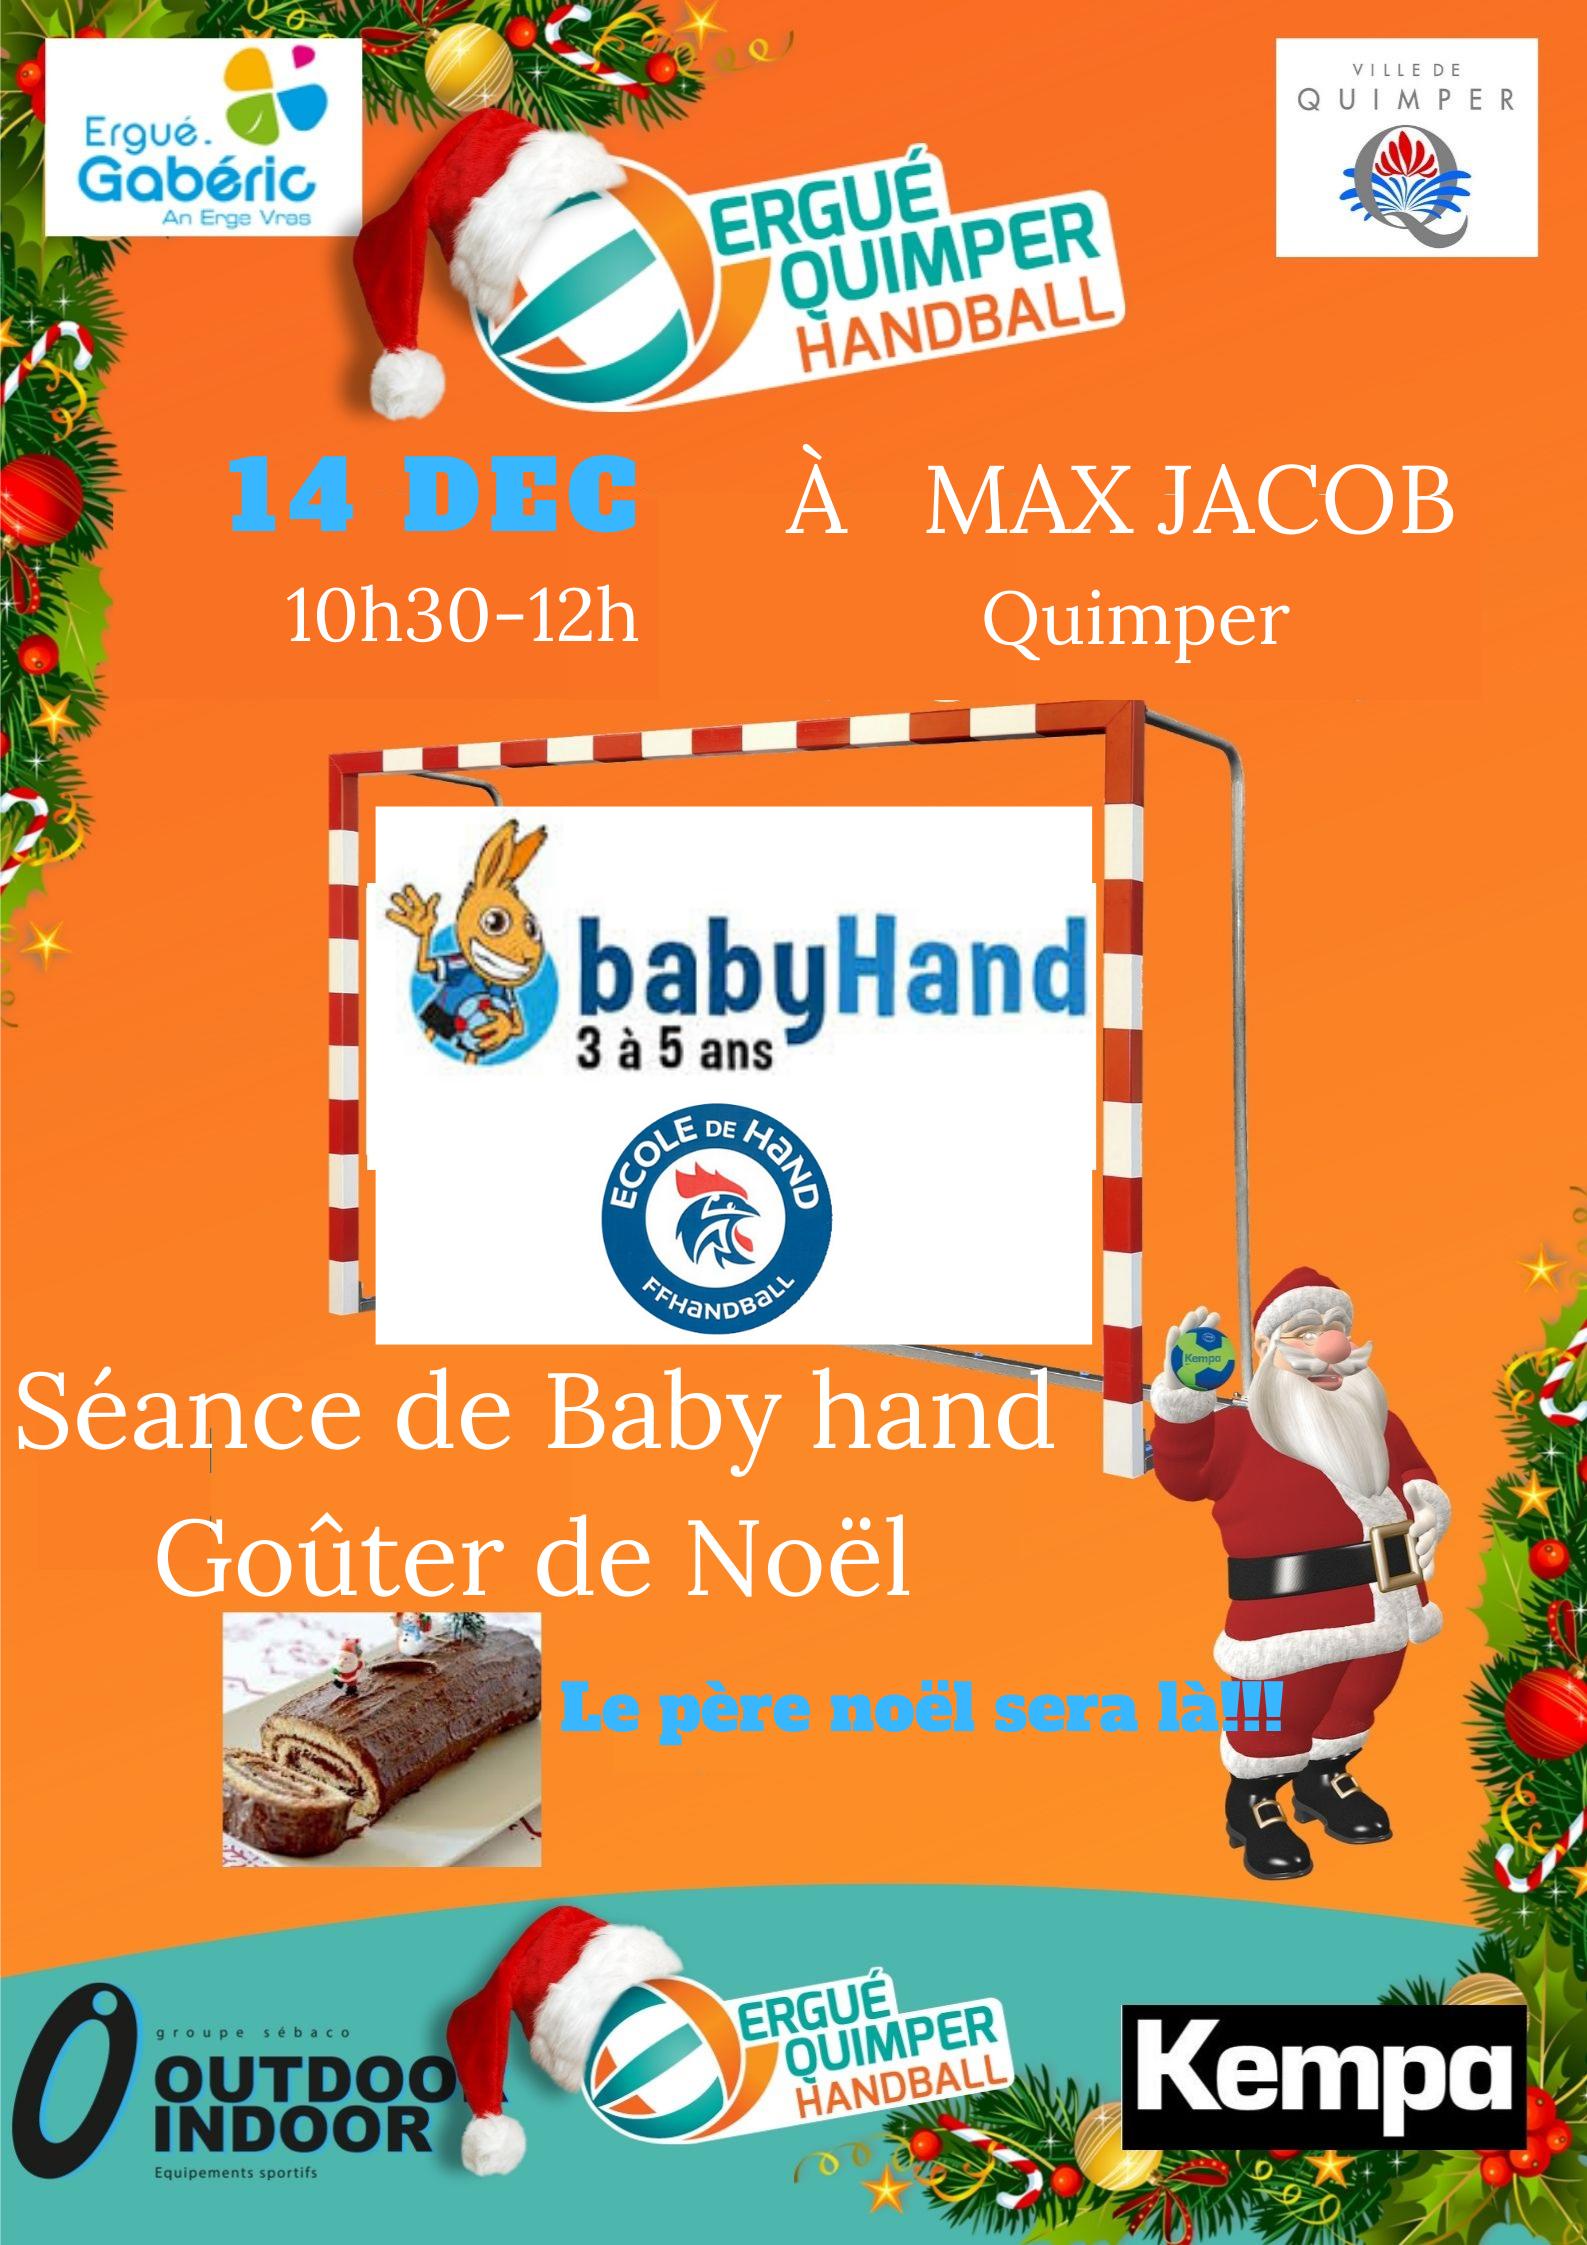 EQHB fête noël avec les baby hand et école de hand avec des jeux et un goûter avec le père noël